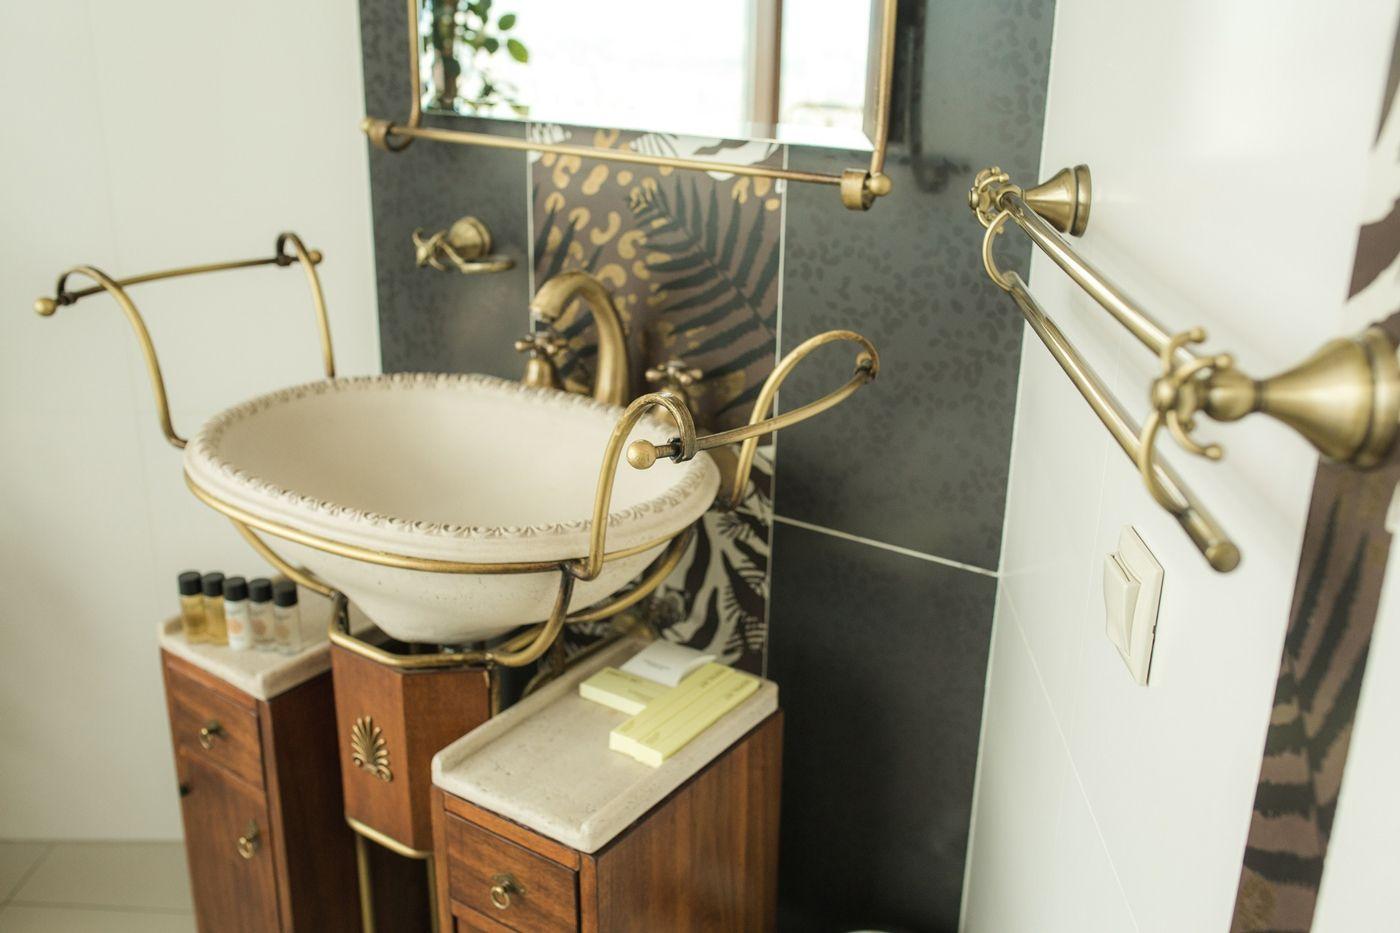 Анжелика Вартересян, свадебный организатор. Лично меня больше всего завораживают эти ванны наножках. Янезнаю ниодного человека, ктобы видел ихнафоне стеклянной стены иневоскликнул: «Это моя мечта! Явсегда хотел, чтобы уменя была такая ванна!» Это по-настоящему завораживает. Утро невесты можно начать вванной. Больше нигде такой возможности, пожалуй, нет.